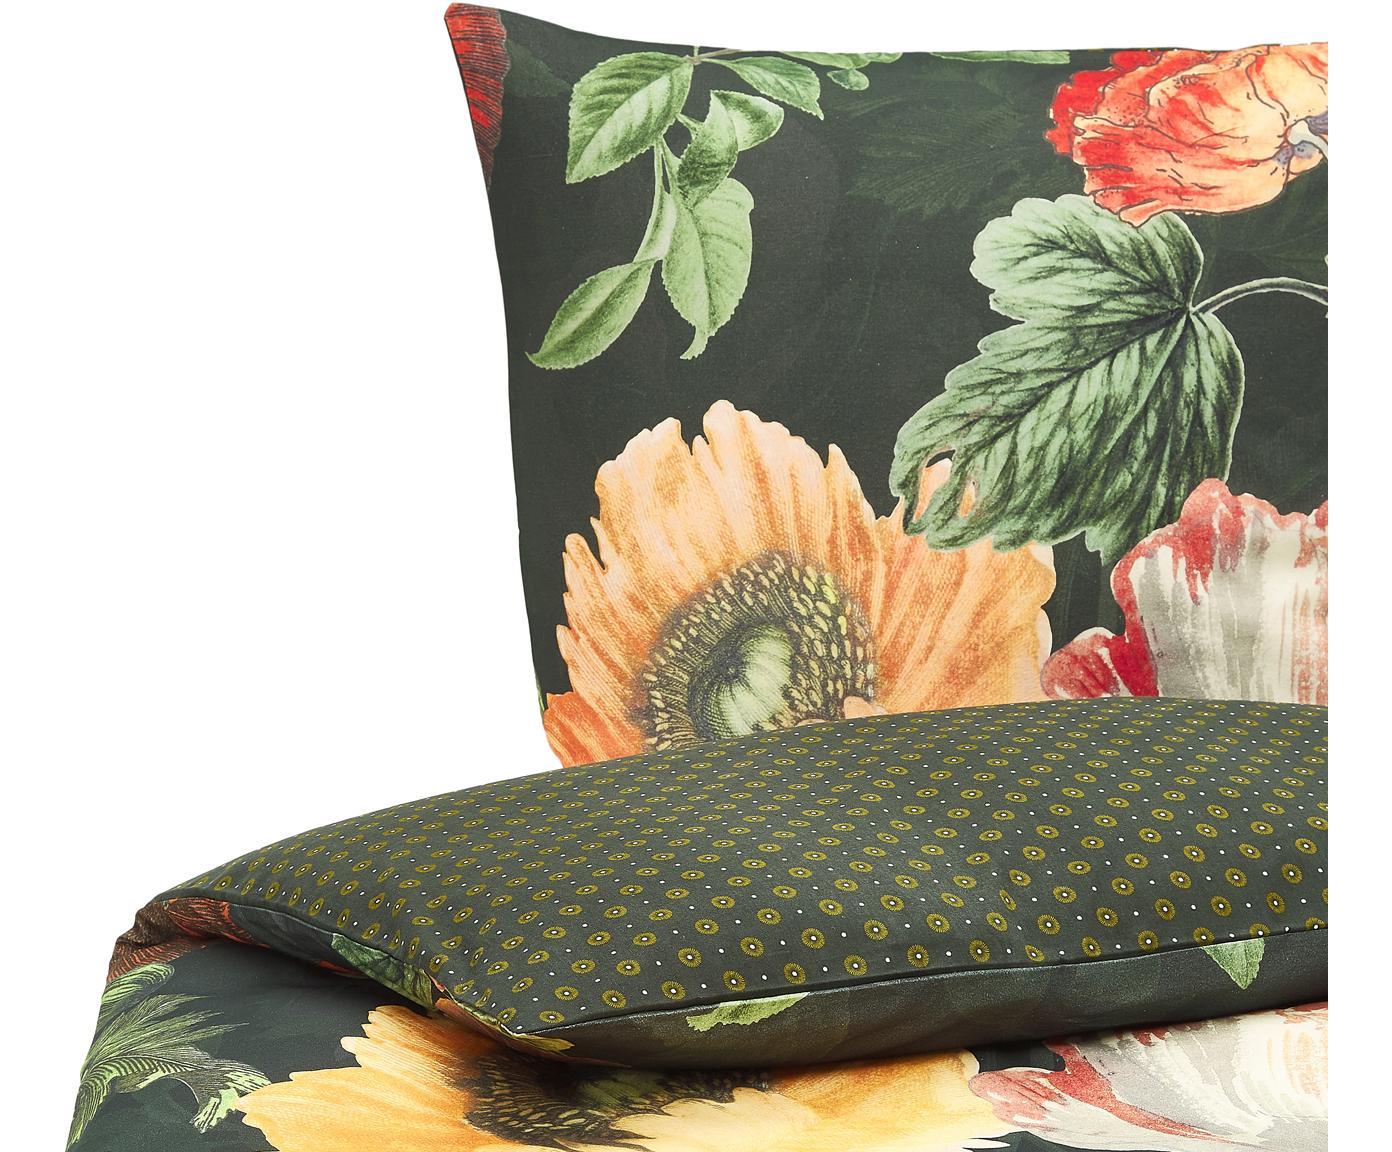 Flanell-Wendebettwäsche Esmee mit Blumen-Muster, Webart: Flanell Fadendichte 81 TC, Dunkelgrün, Mehrfarbig, 135 x 200 cm + 1 Kissen 80 x 80 cm